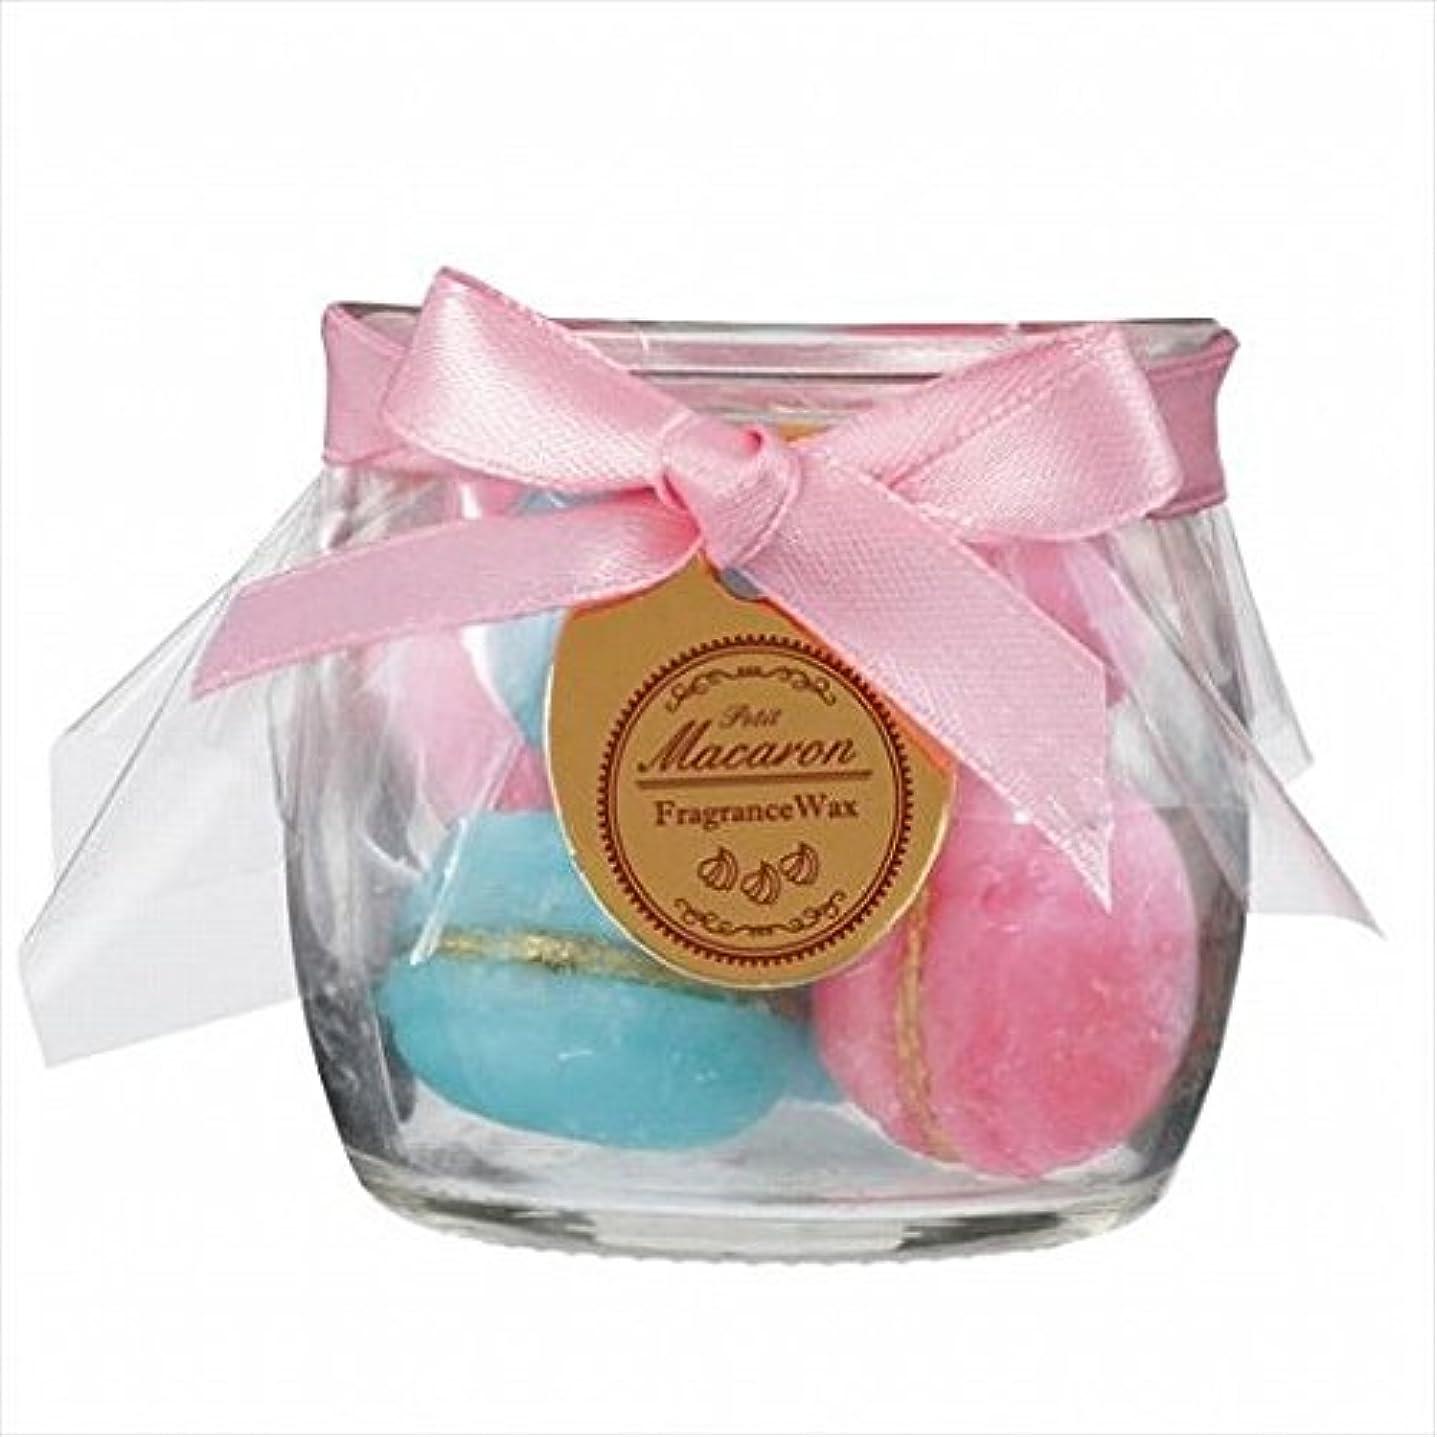 植物学道徳伝染病sweets candle(スイーツキャンドル) プチマカロンフレグランス 「 ピーチ 」 キャンドル 60x60x56mm (A3160540)